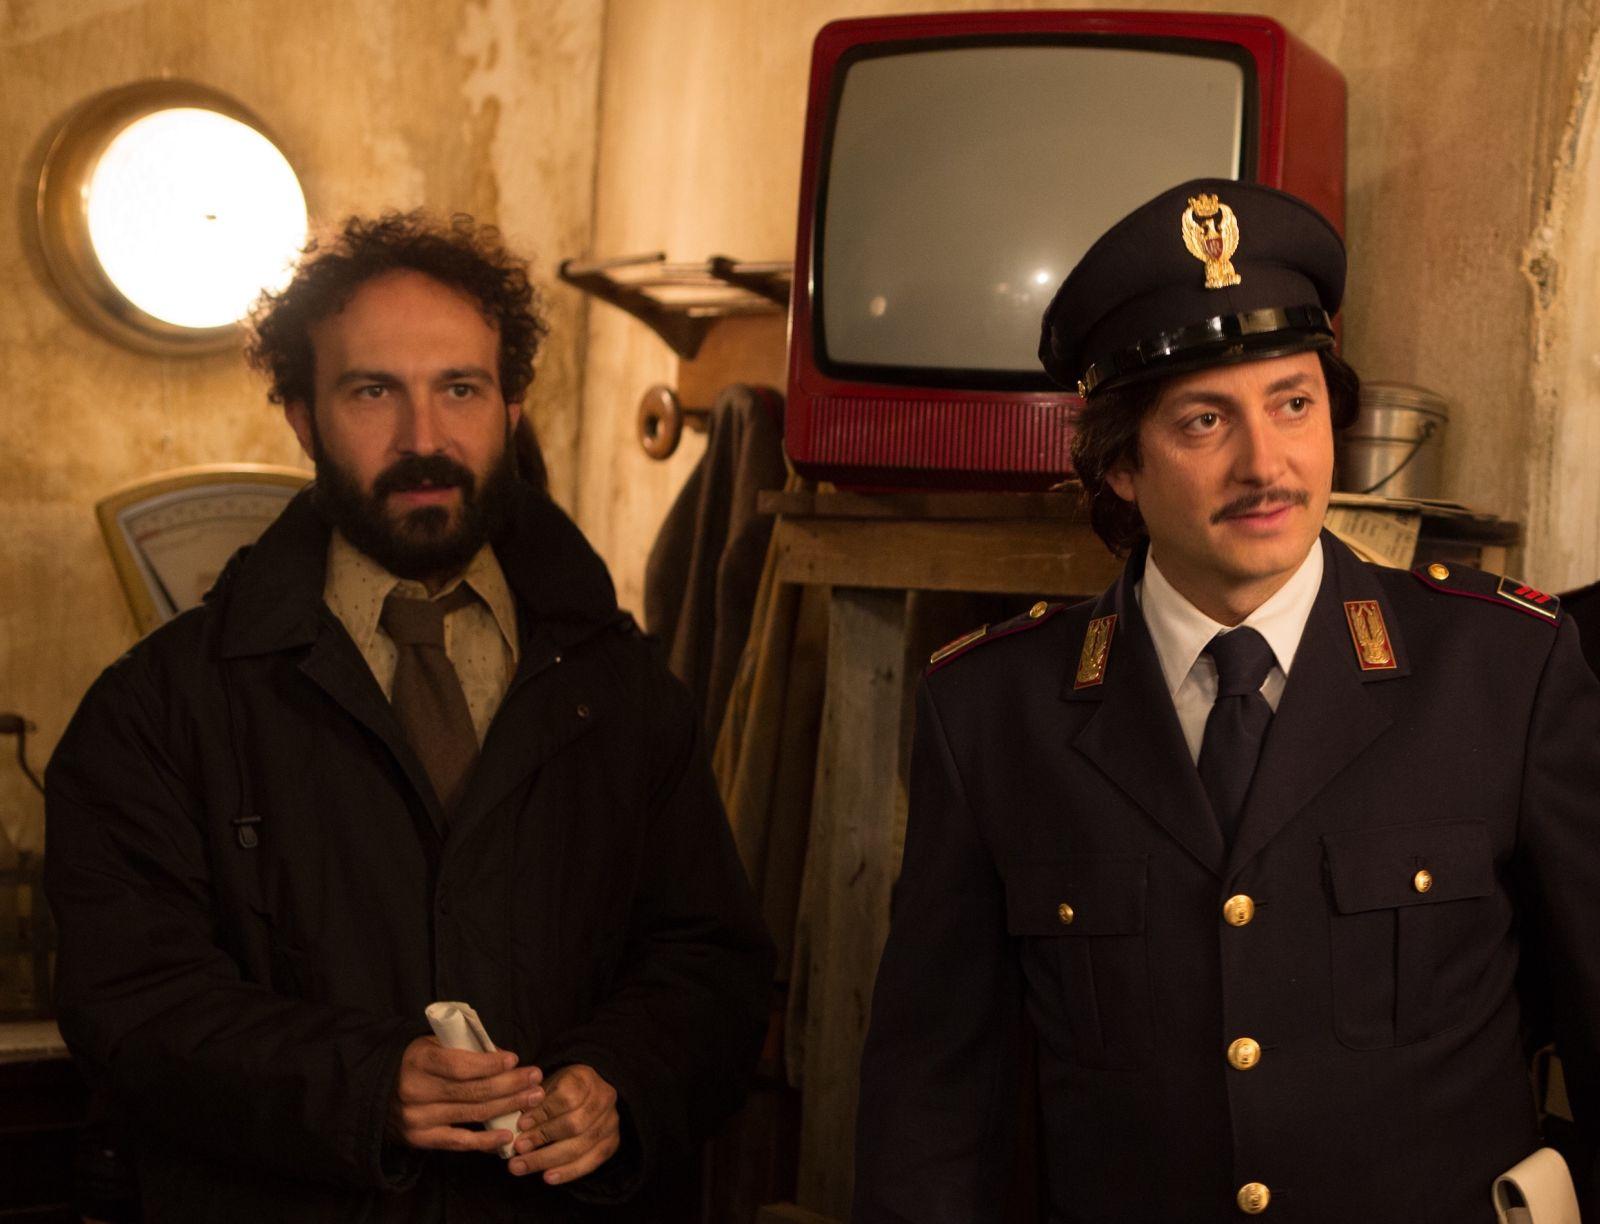 Omicidio all'italiana: Maccio Capatonda e Ivo Avido sul set del film